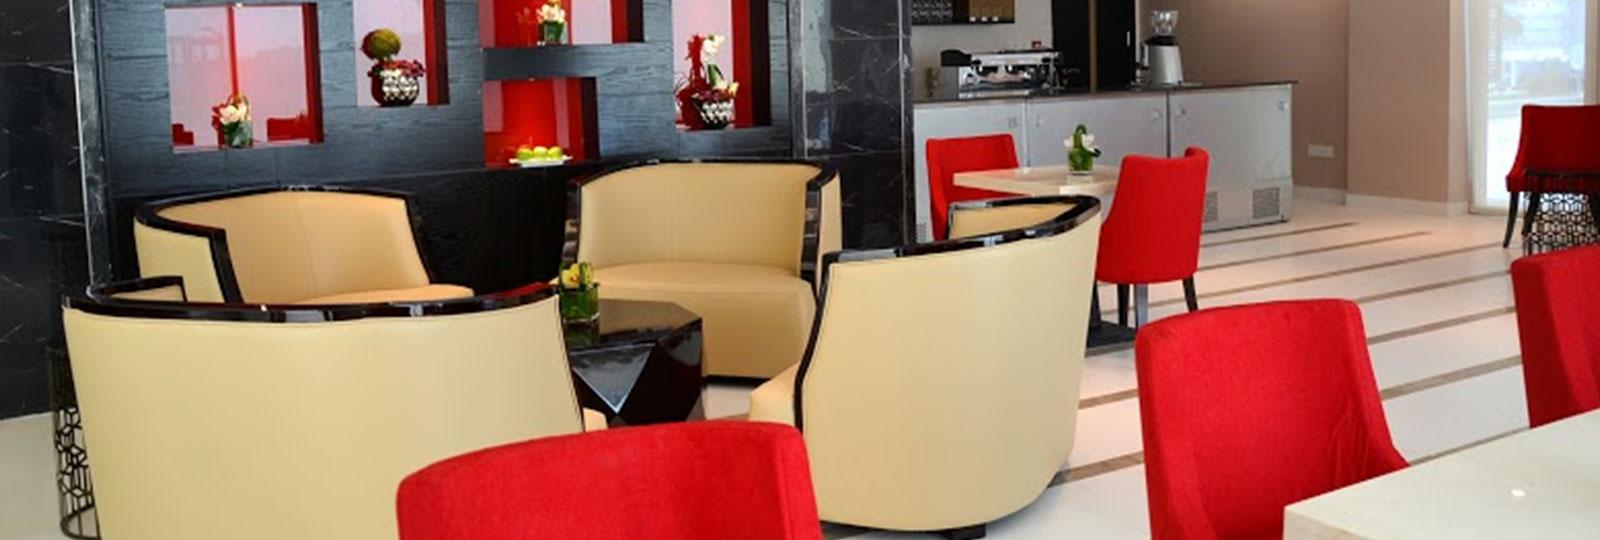 مطعم سيزونز في فندق جزر أمواج